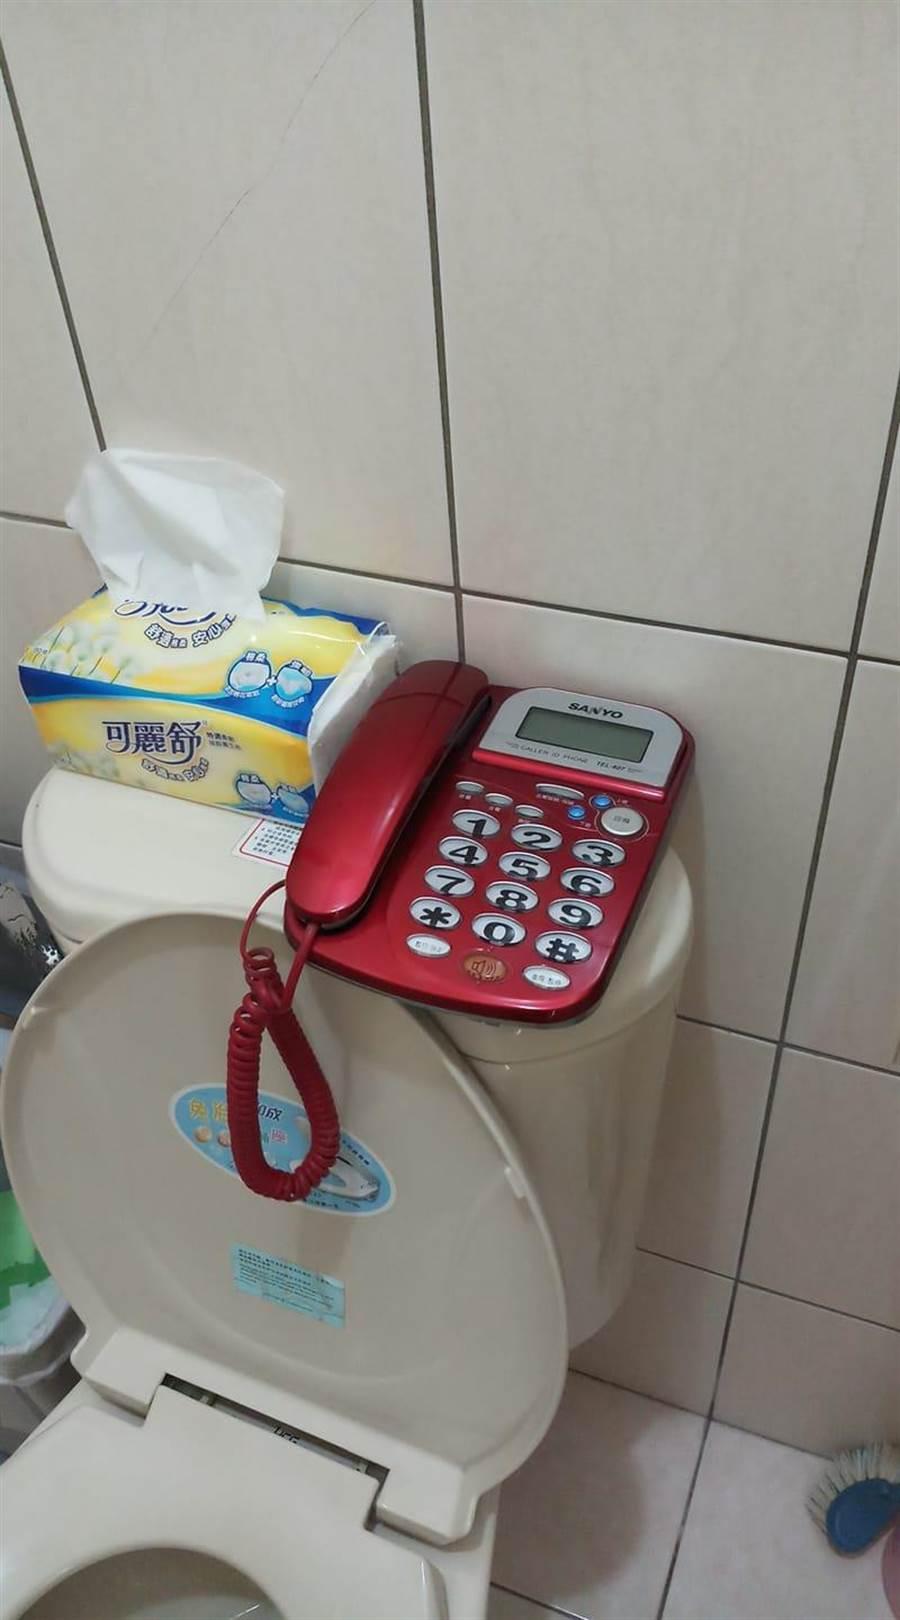 韓粉將電話改插自家廁所。(圖/取自臉書社團「韓家軍」)